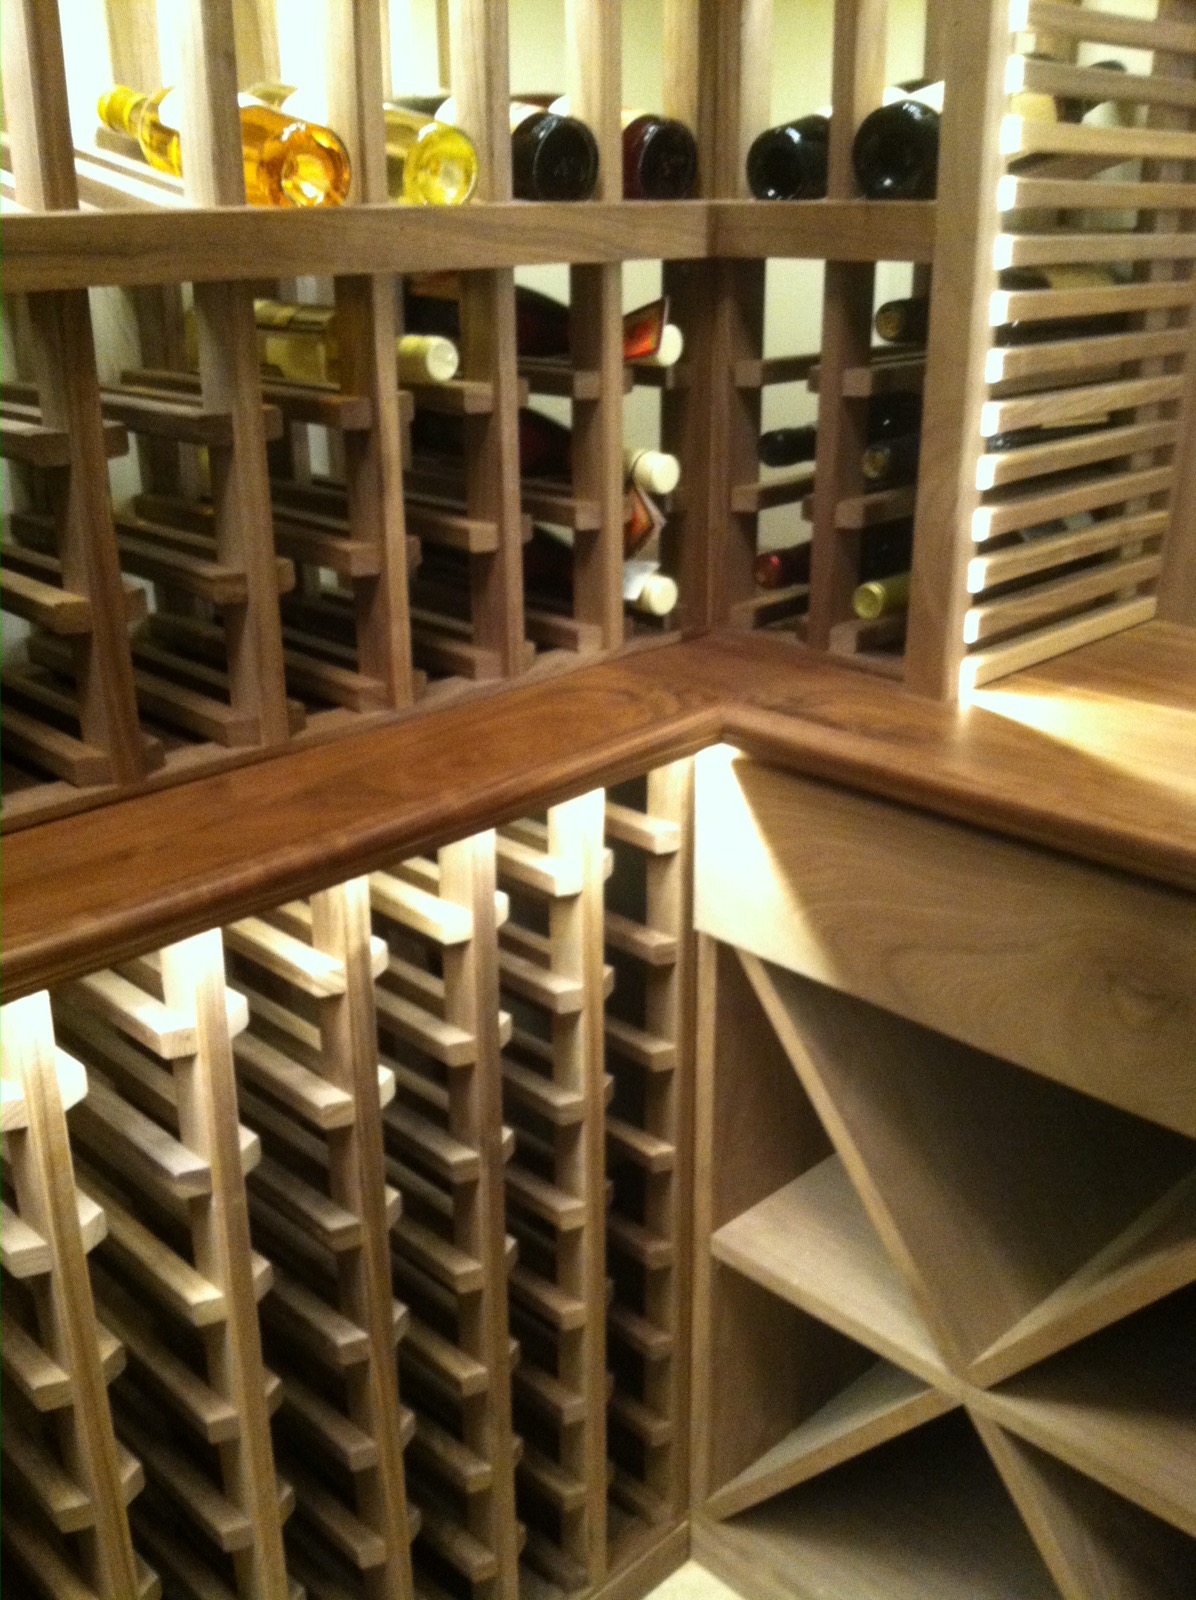 Shaw Cabinets - 88 of 104 ... & 1000 Bottle Wine Cellar | ShawMillandCabinet